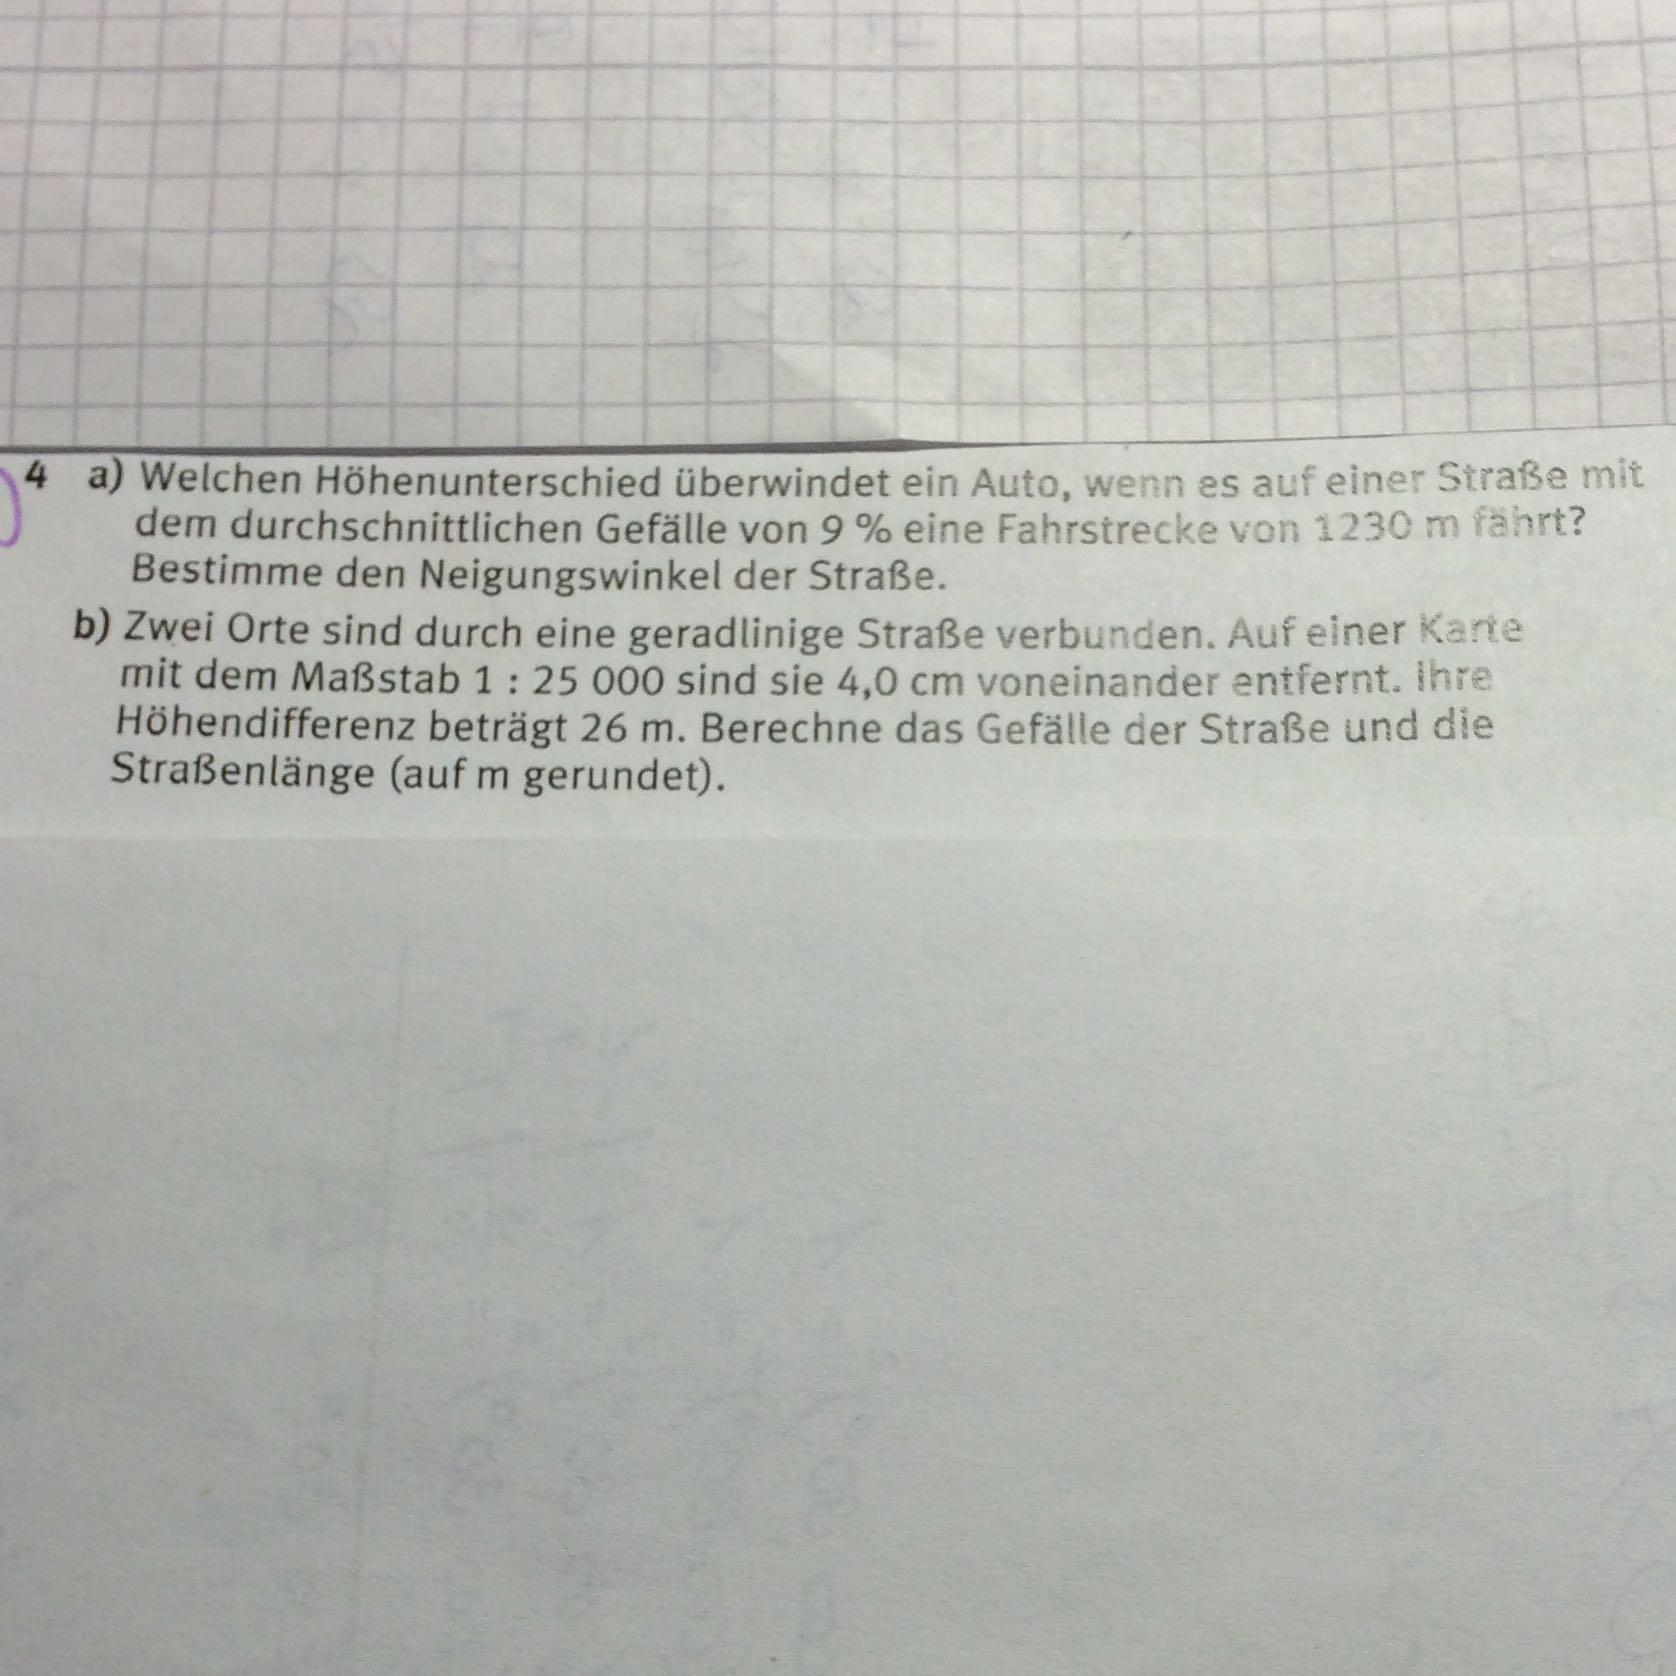 Atemberaubend Berechne Steigung Arbeitsblatt Ideen - Super Lehrer ...